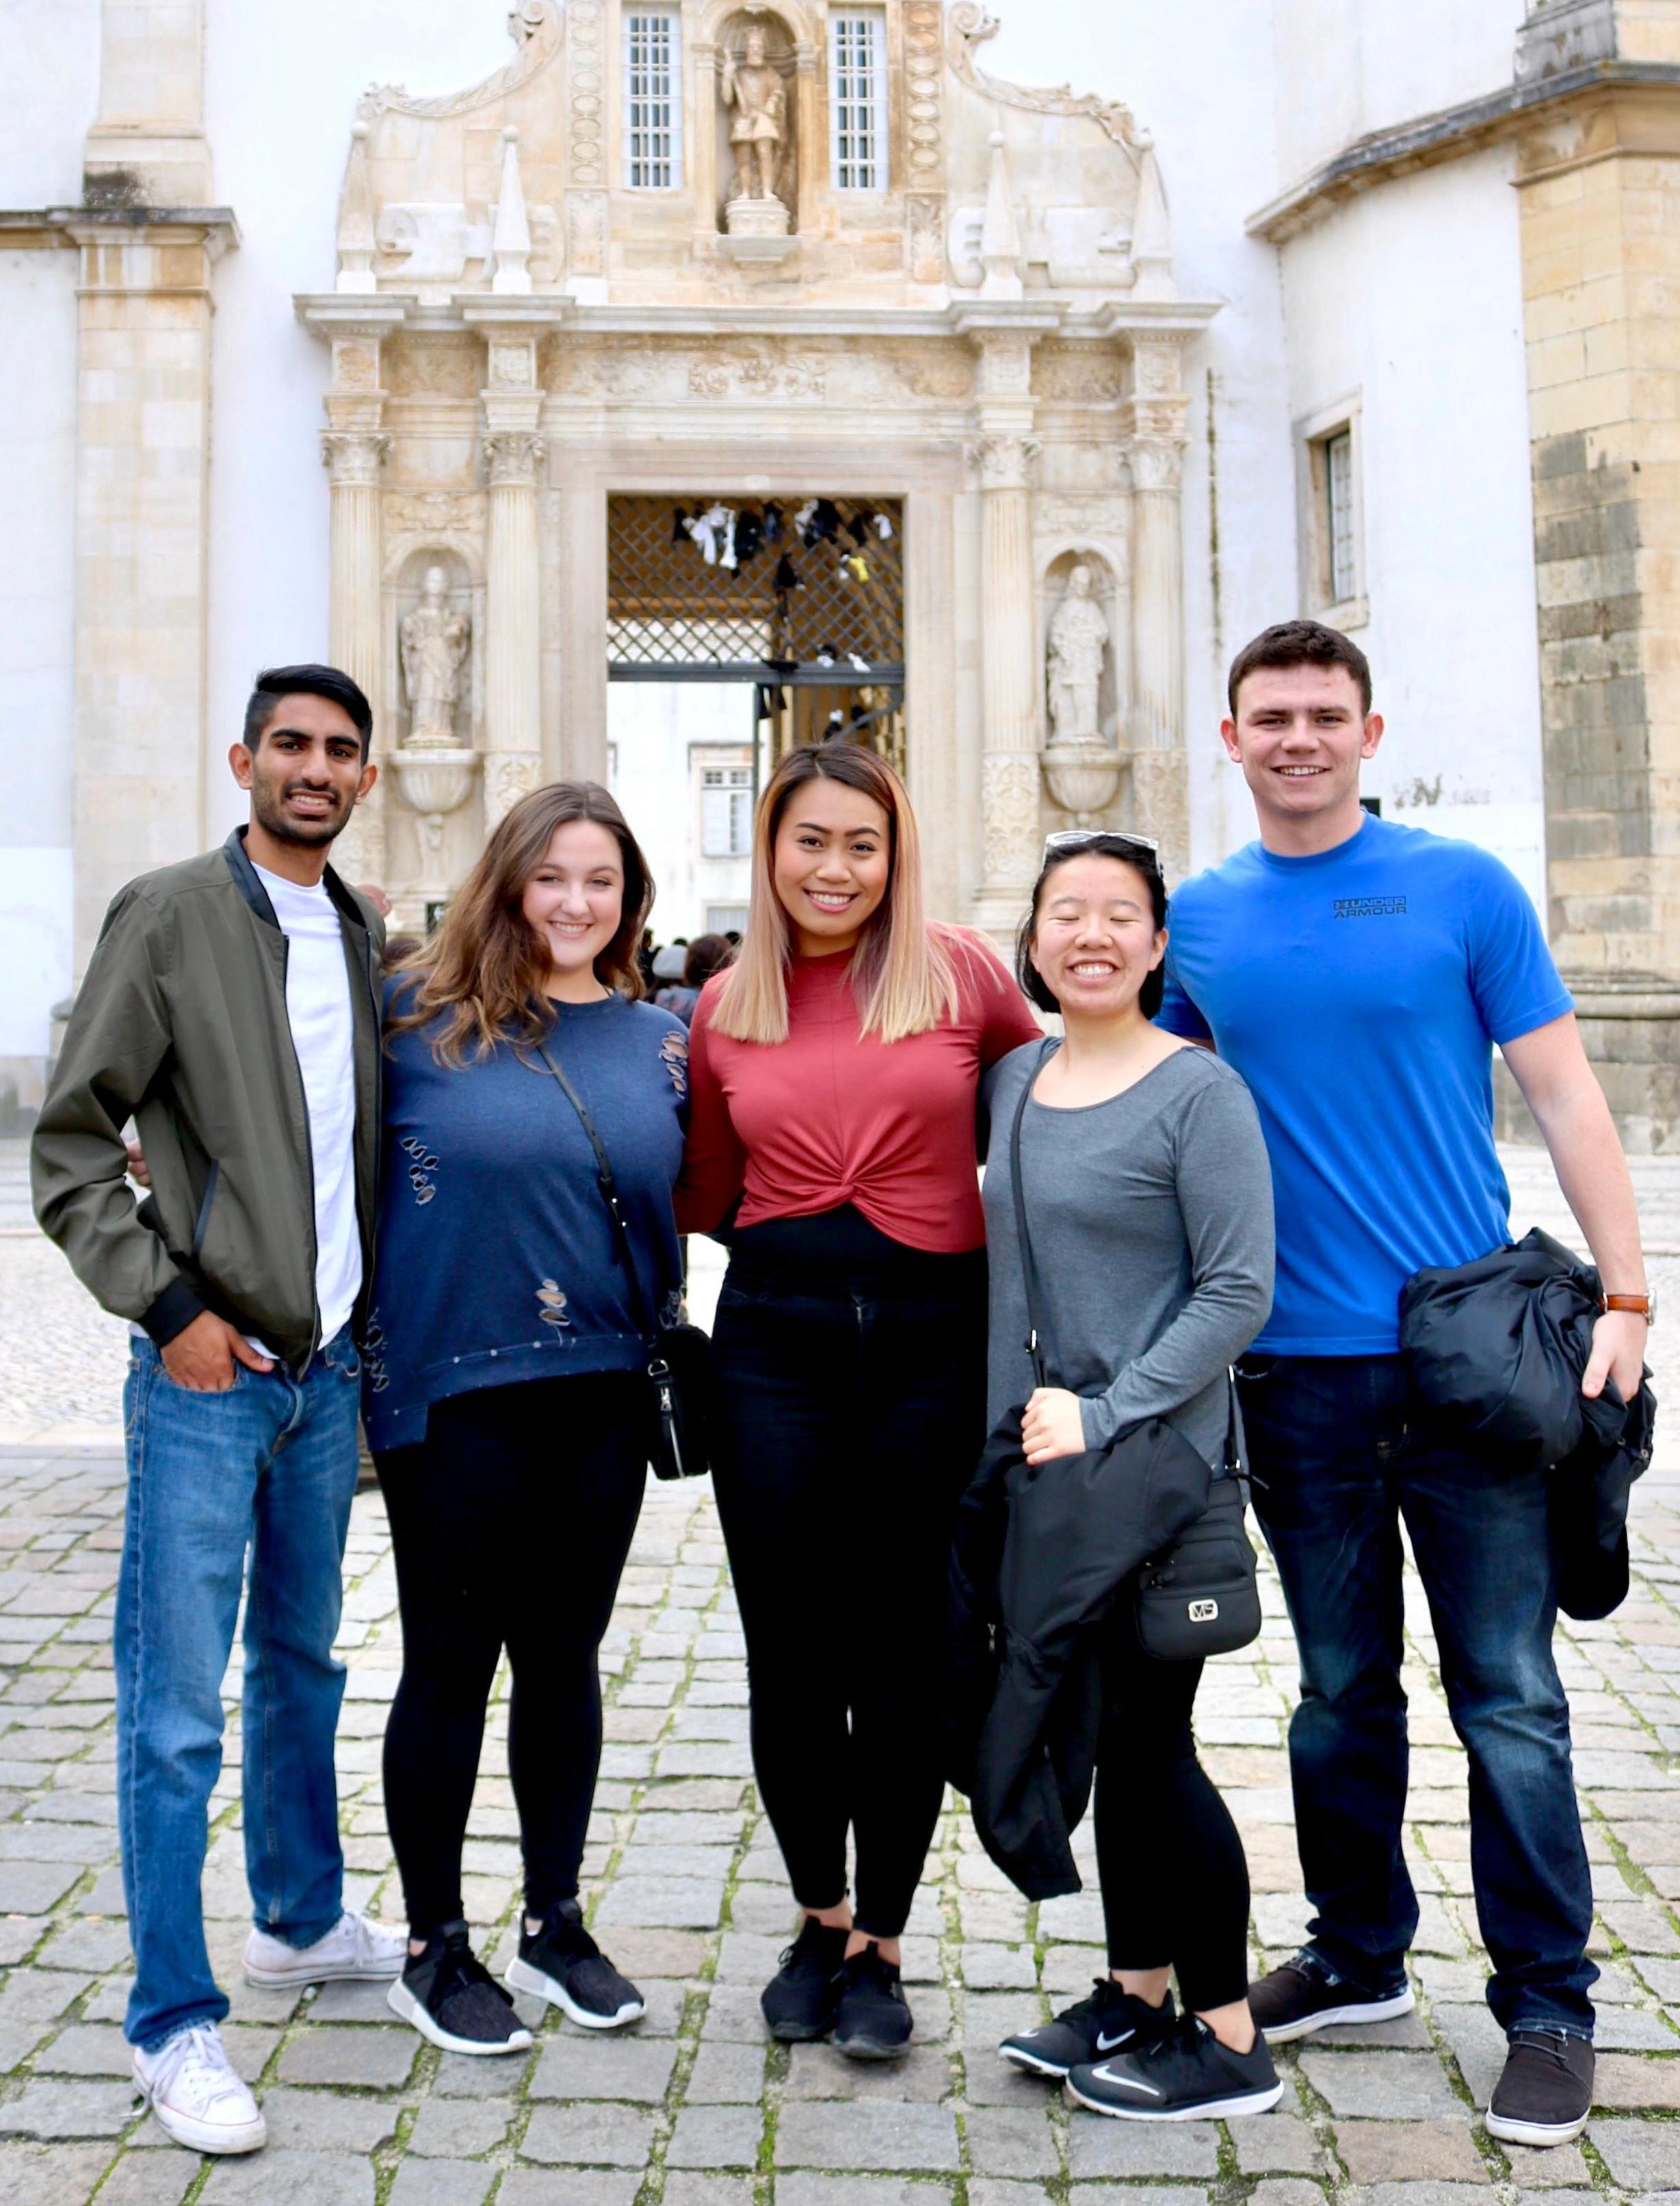 Atlantis Fellows, Coimbra, Portugal, 2017